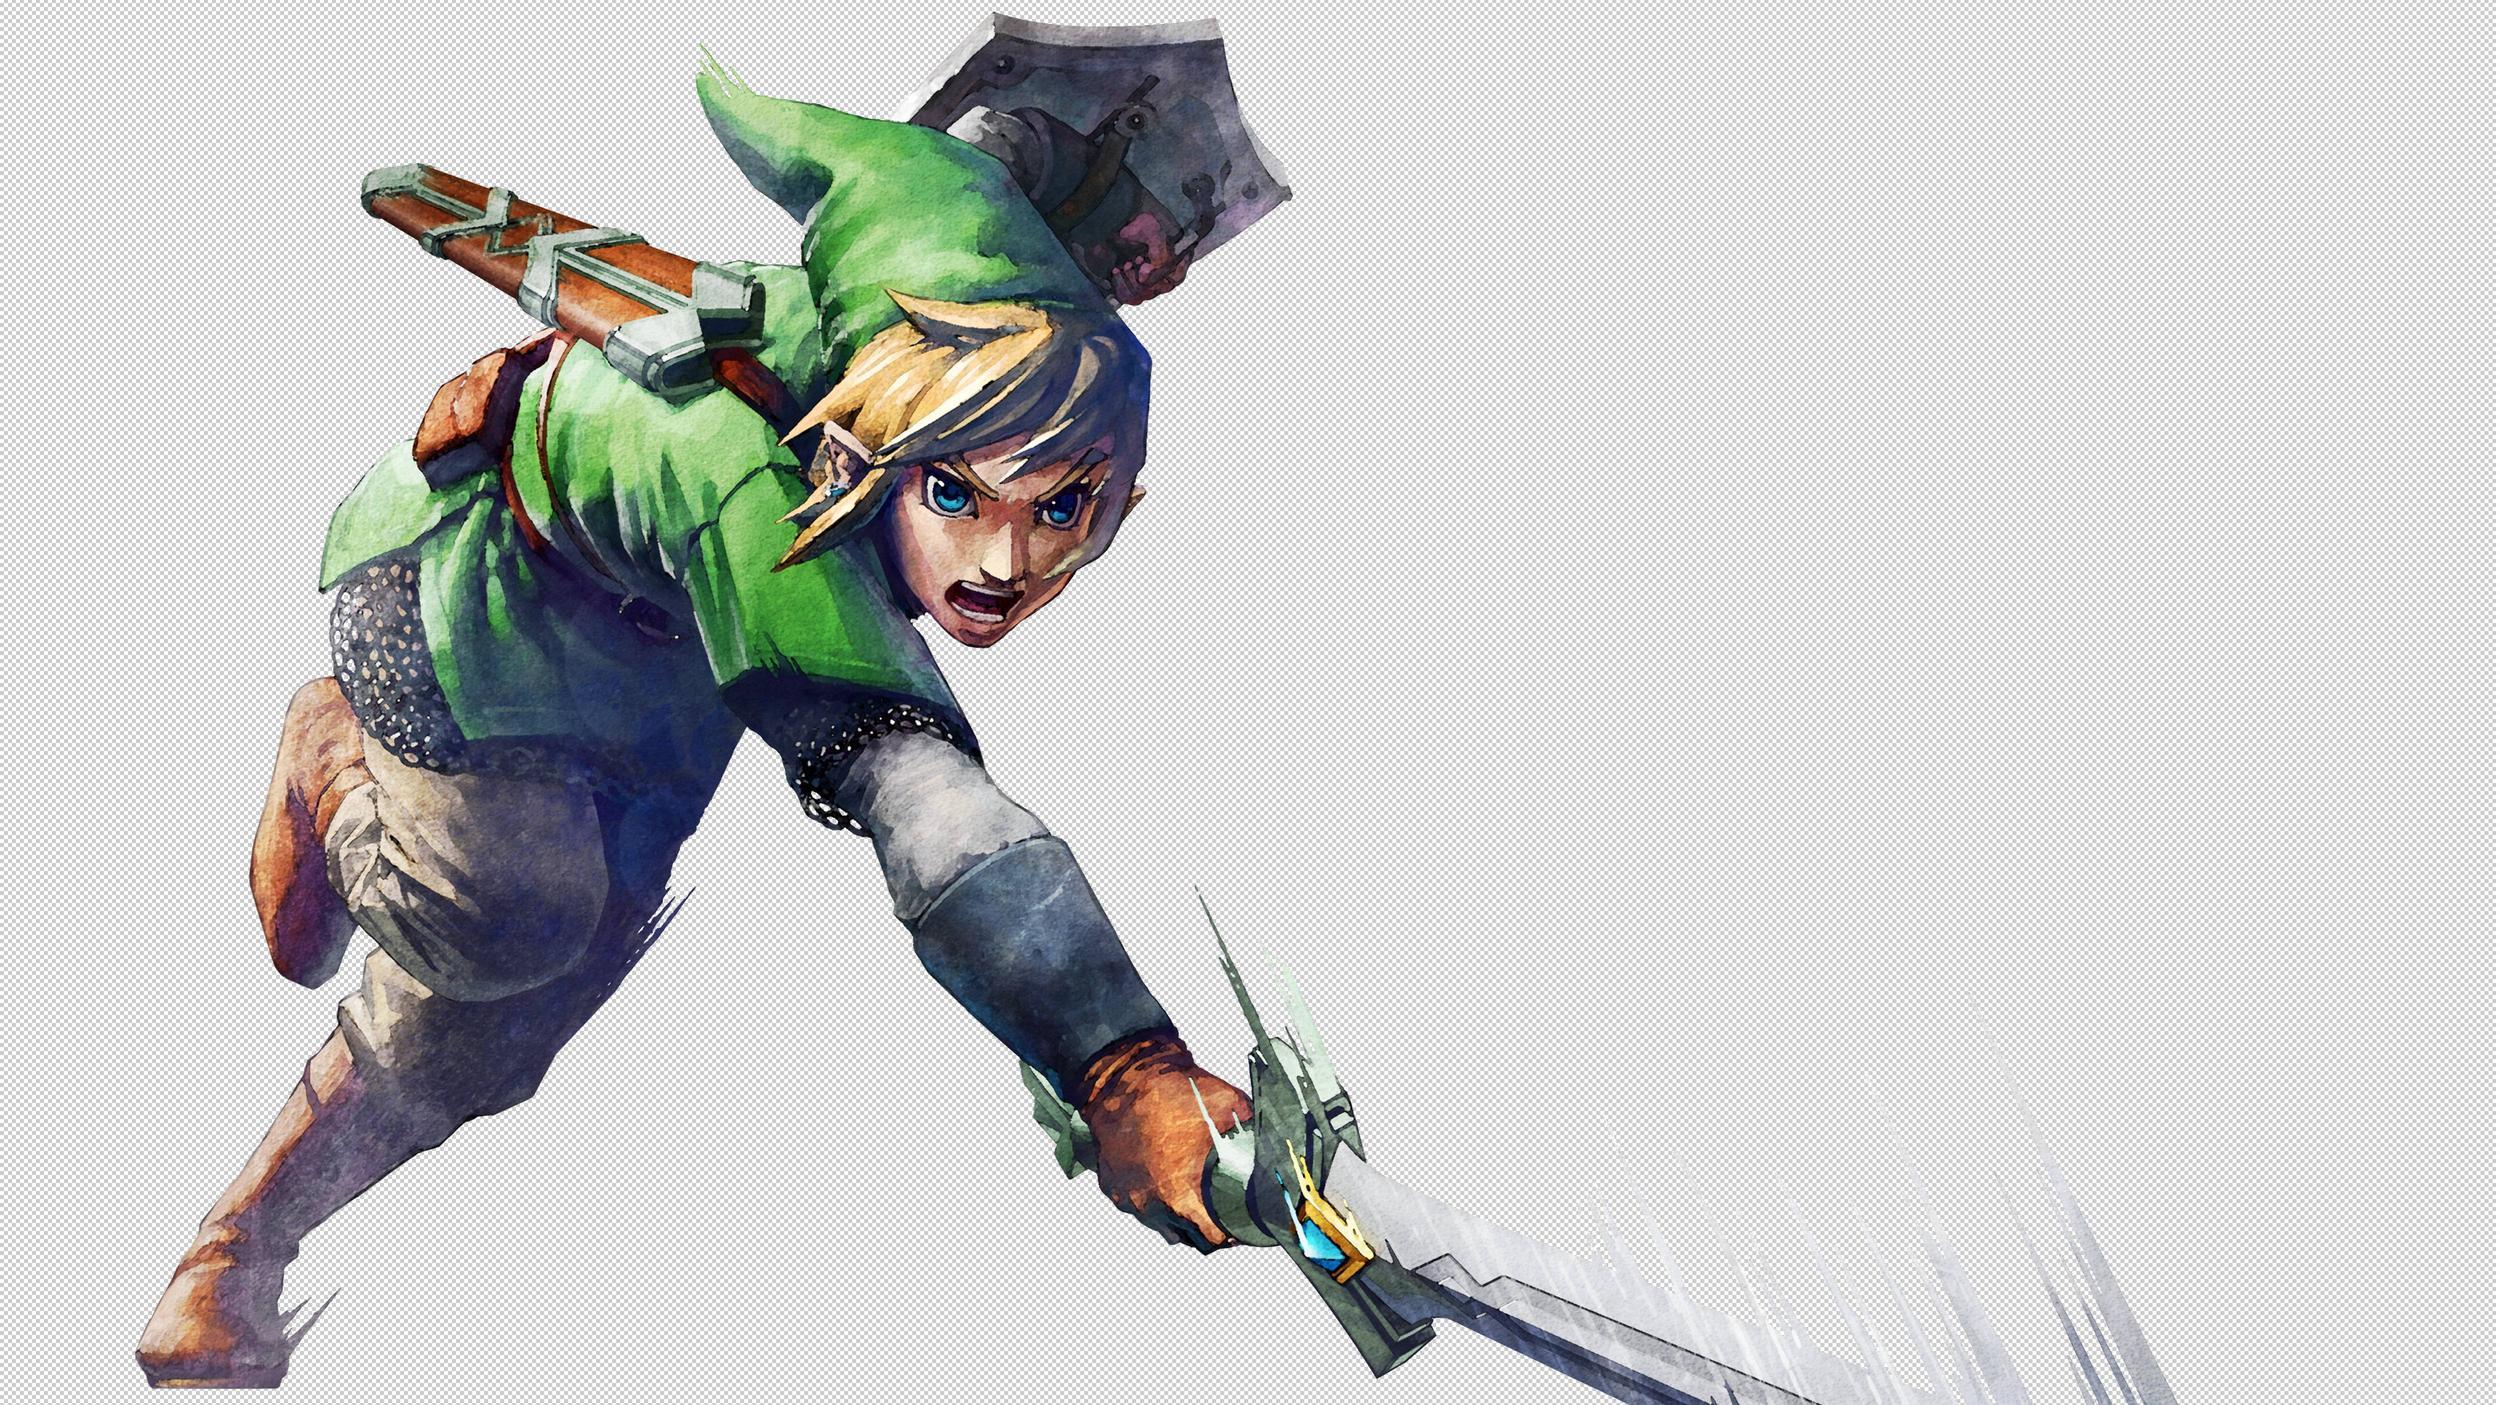 Legend Of Zelda Link Wallpapers - Wallpaper Cave